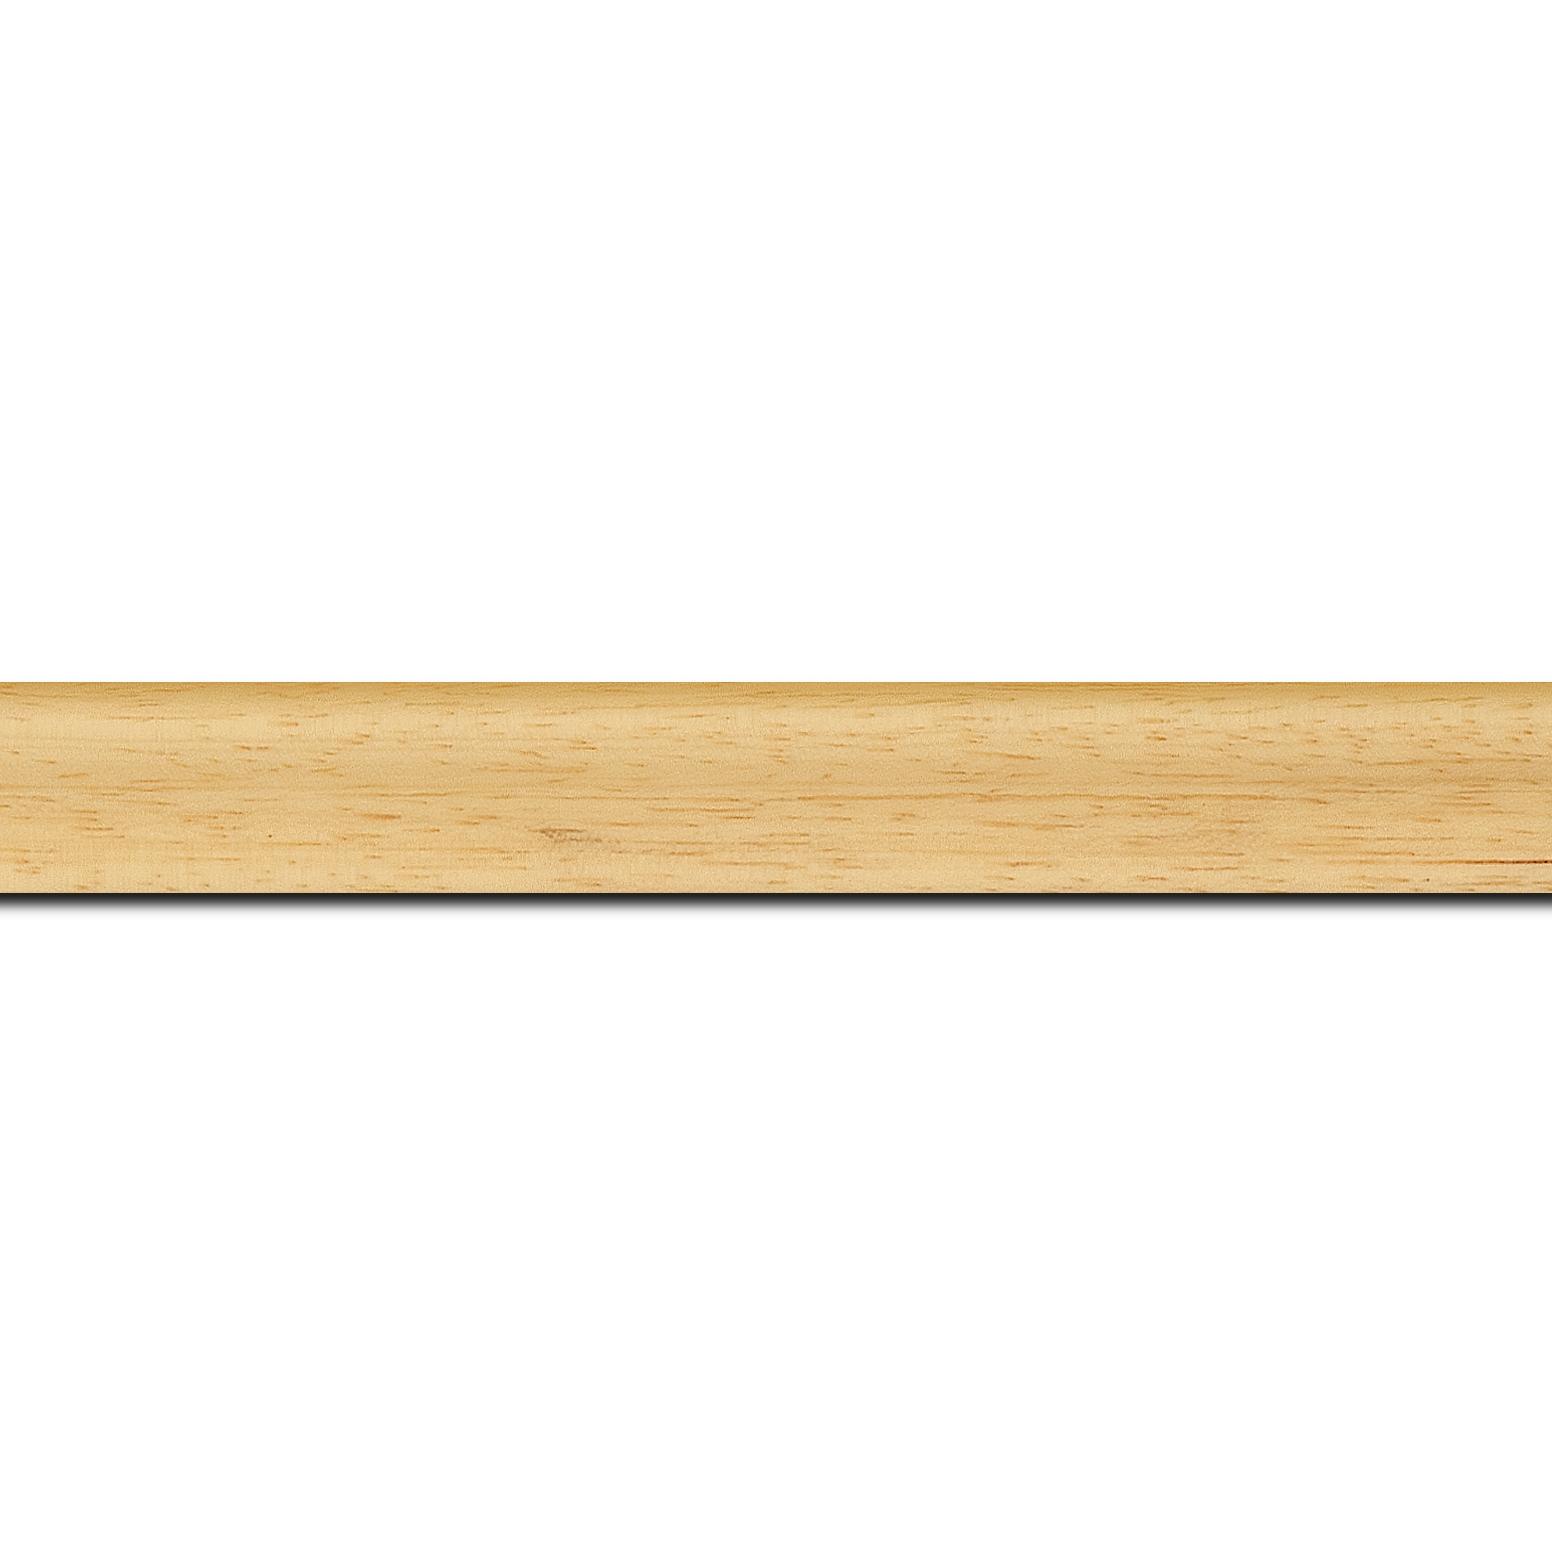 Pack par 12m, bois profil incuvé largeur 2.1cm couleur naturel satiné (longueur baguette pouvant varier entre 2.40m et 3m selon arrivage des bois)